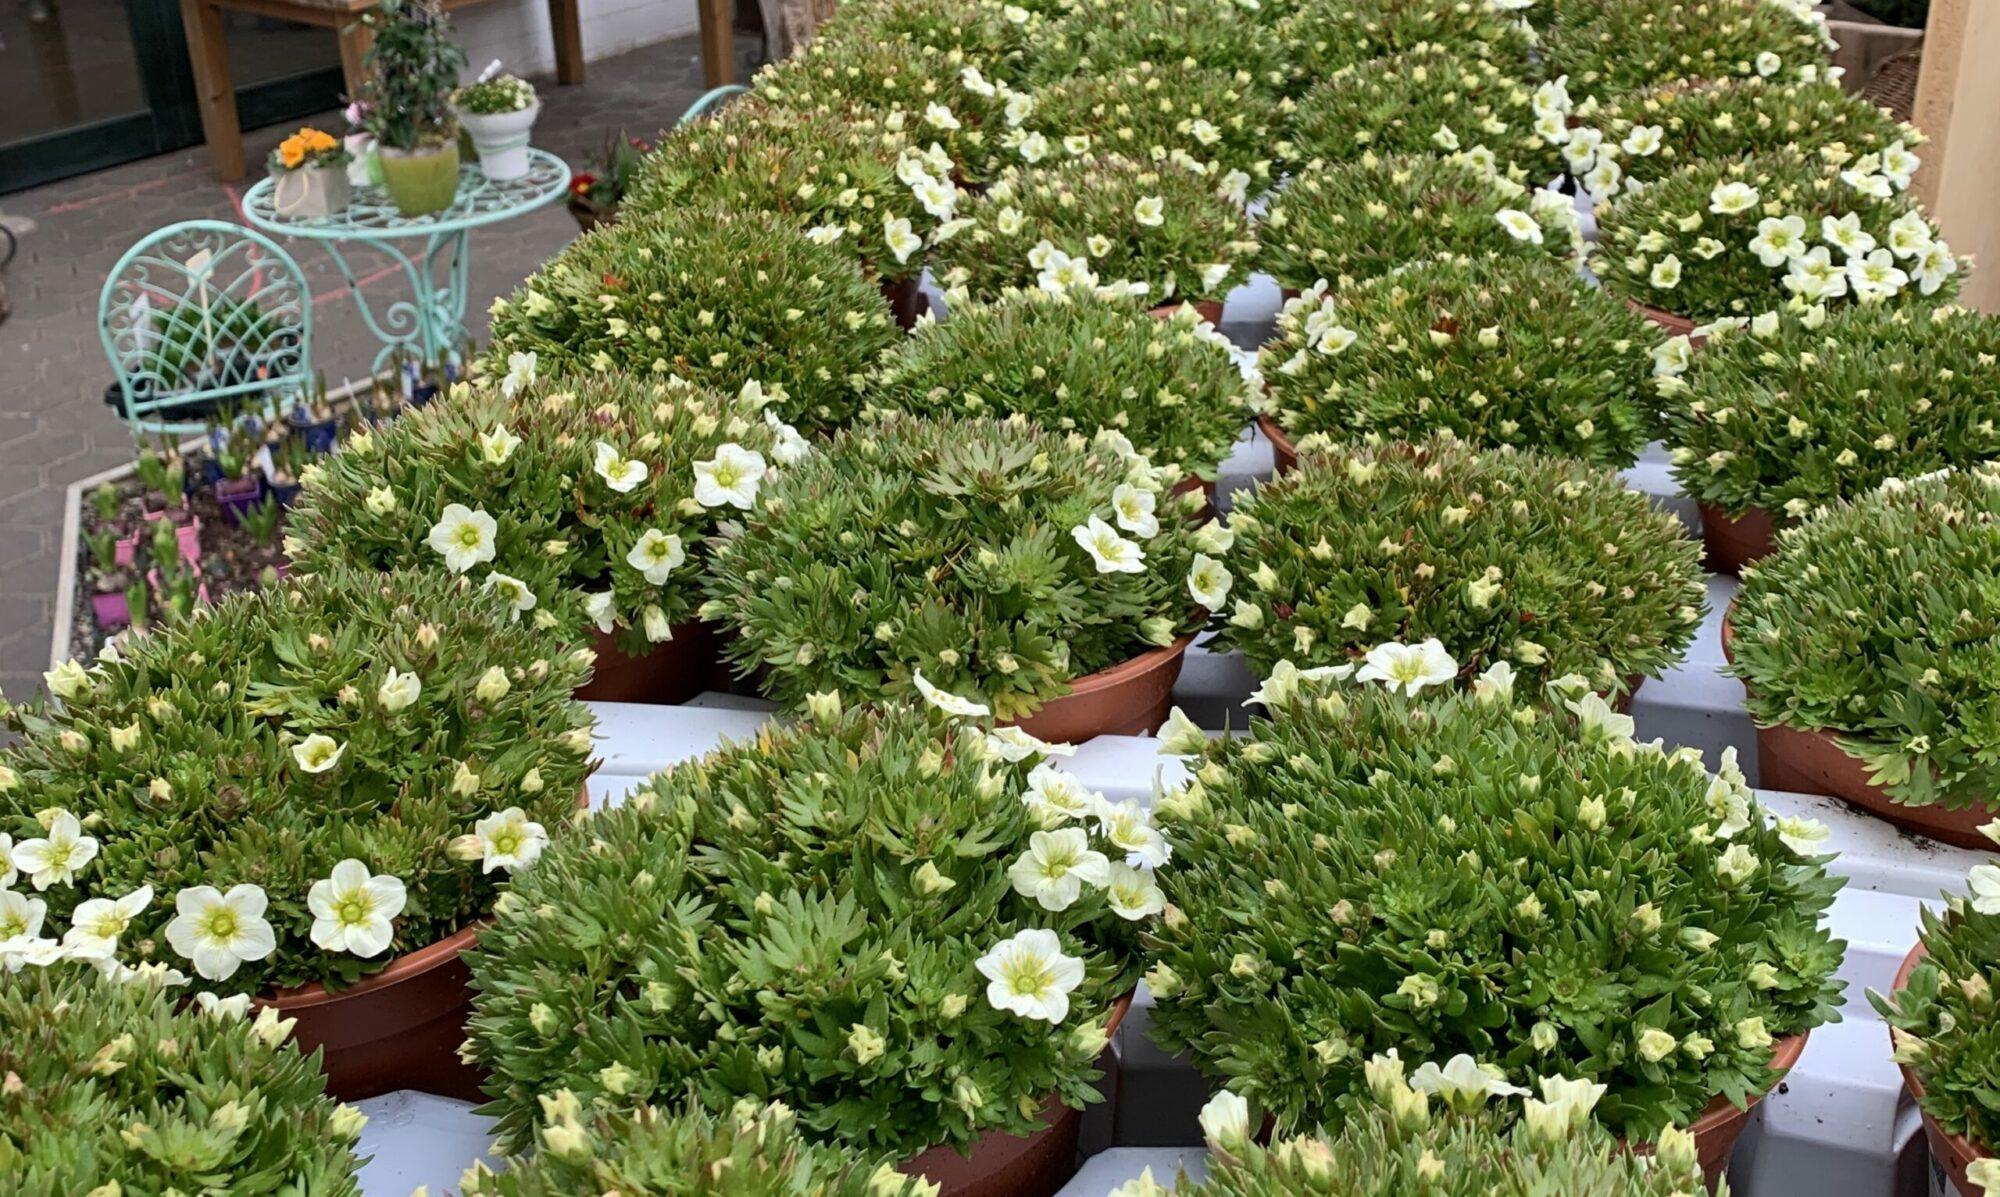 Gärtnerei van der Bloemen